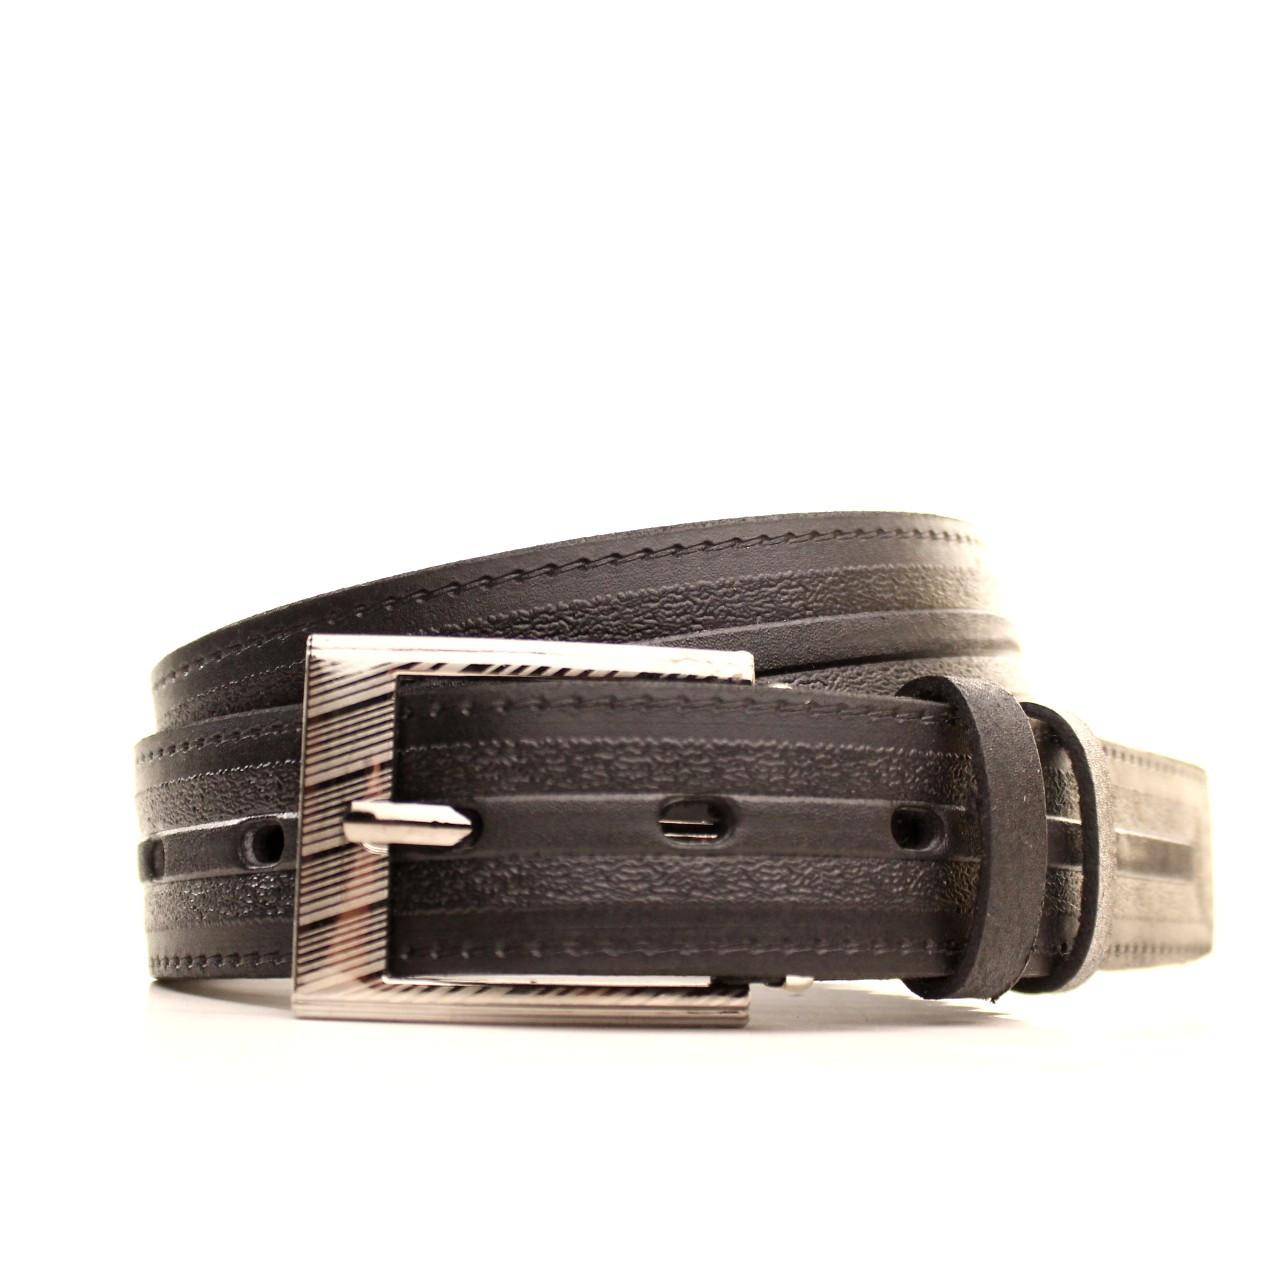 Ремень кожаный Lazar 120-125 см черный l30s1w10